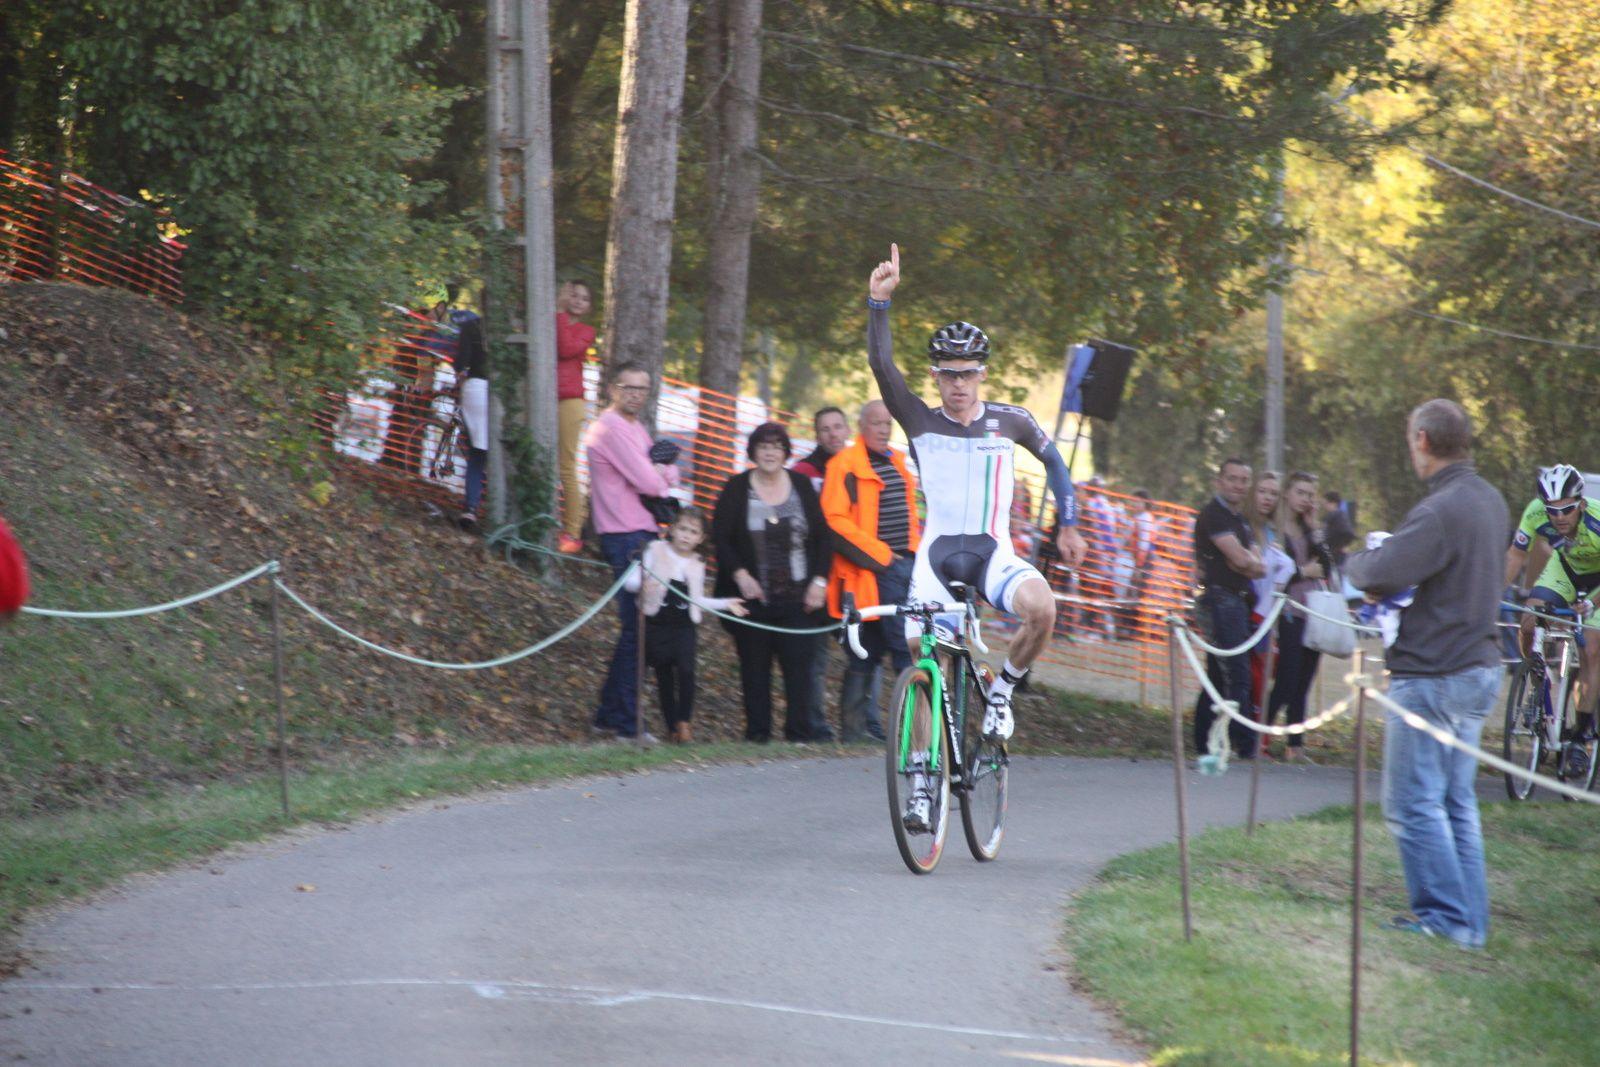 Victoire  de  Loic  HERBRETEAU(CC  Marmande??), il  semble  que  le  club  n'a  plus  de  maillots  pour  son coureur!!